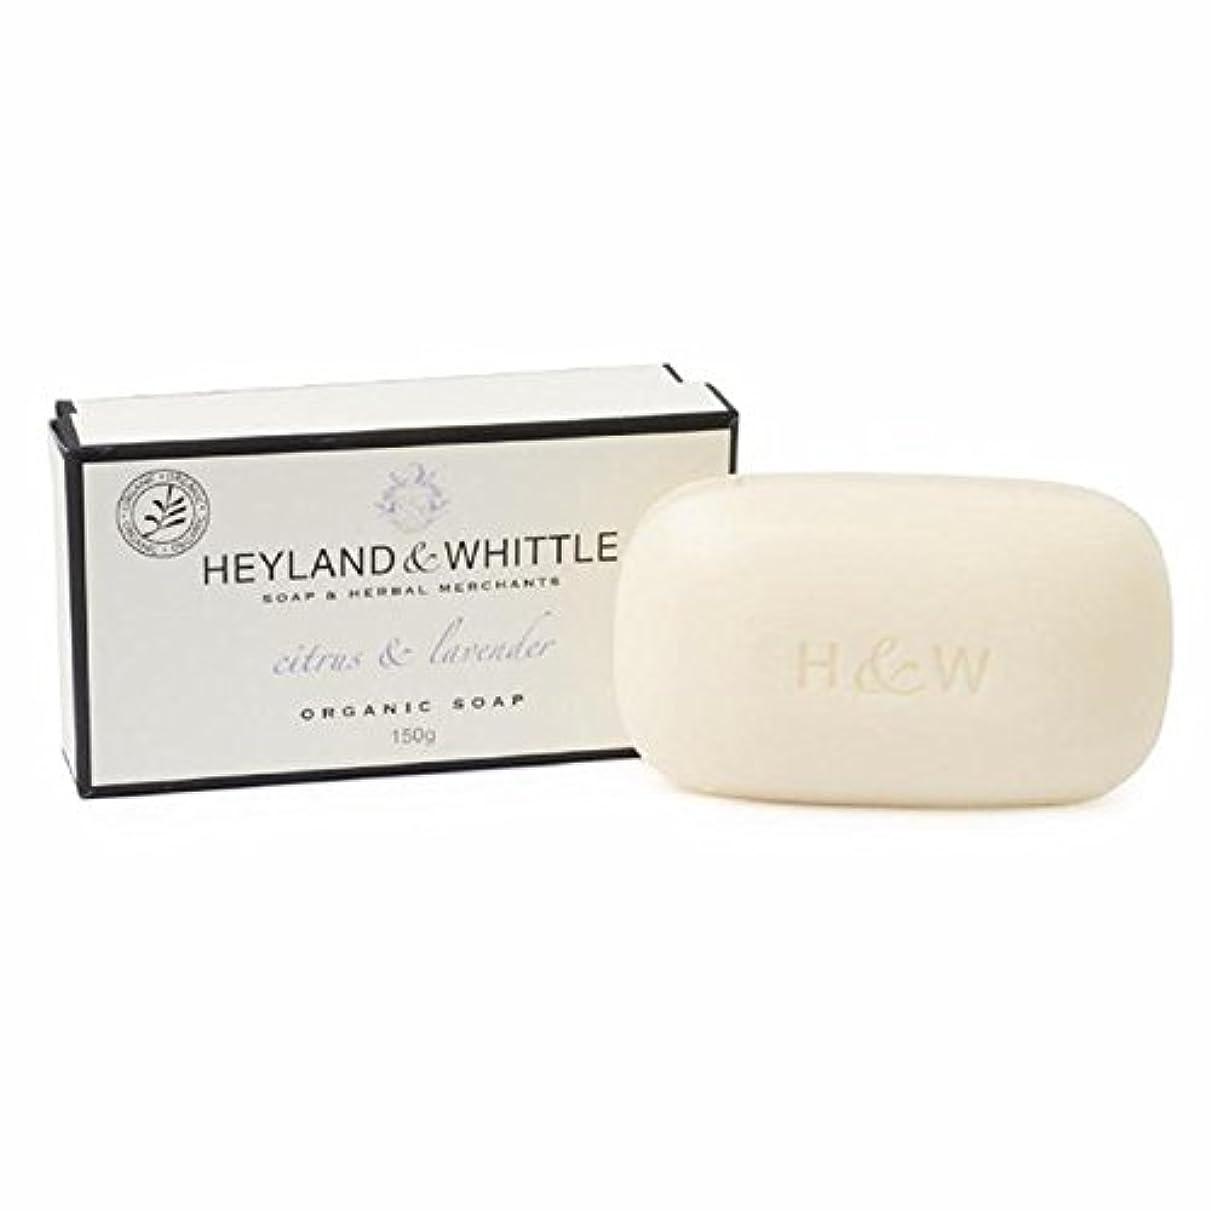 &削るシトラス&ラベンダーは、有機石鹸150グラム箱入り x2 - Heyland & Whittle Citrus & Lavender Boxed Organic Soap 150g (Pack of 2) [並行輸入品]